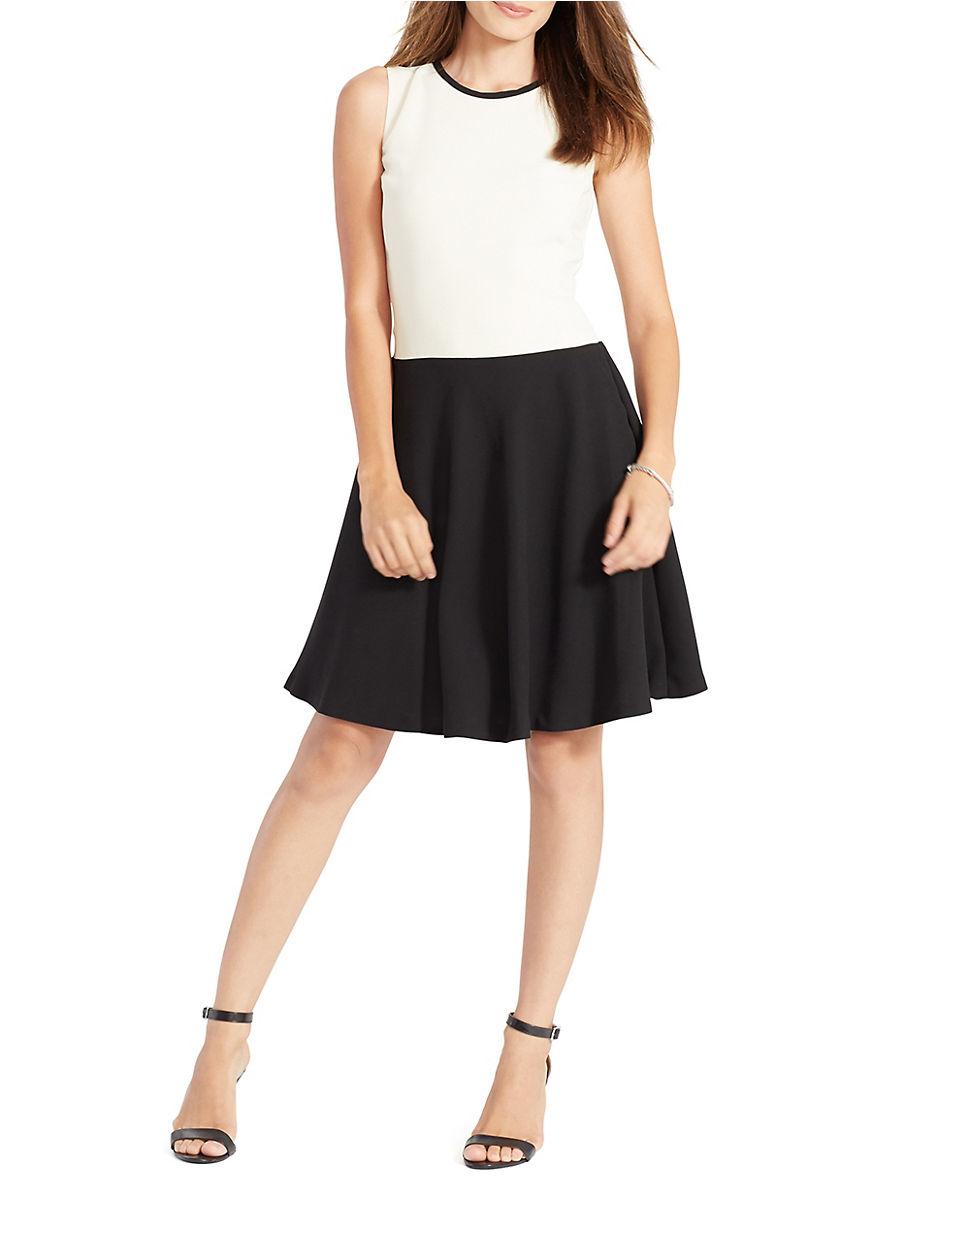 Lauren by ralph lauren Plus Faux-leather Sleeveless Yoke Sheath Dress in  Black  95b3aedb1fc0b